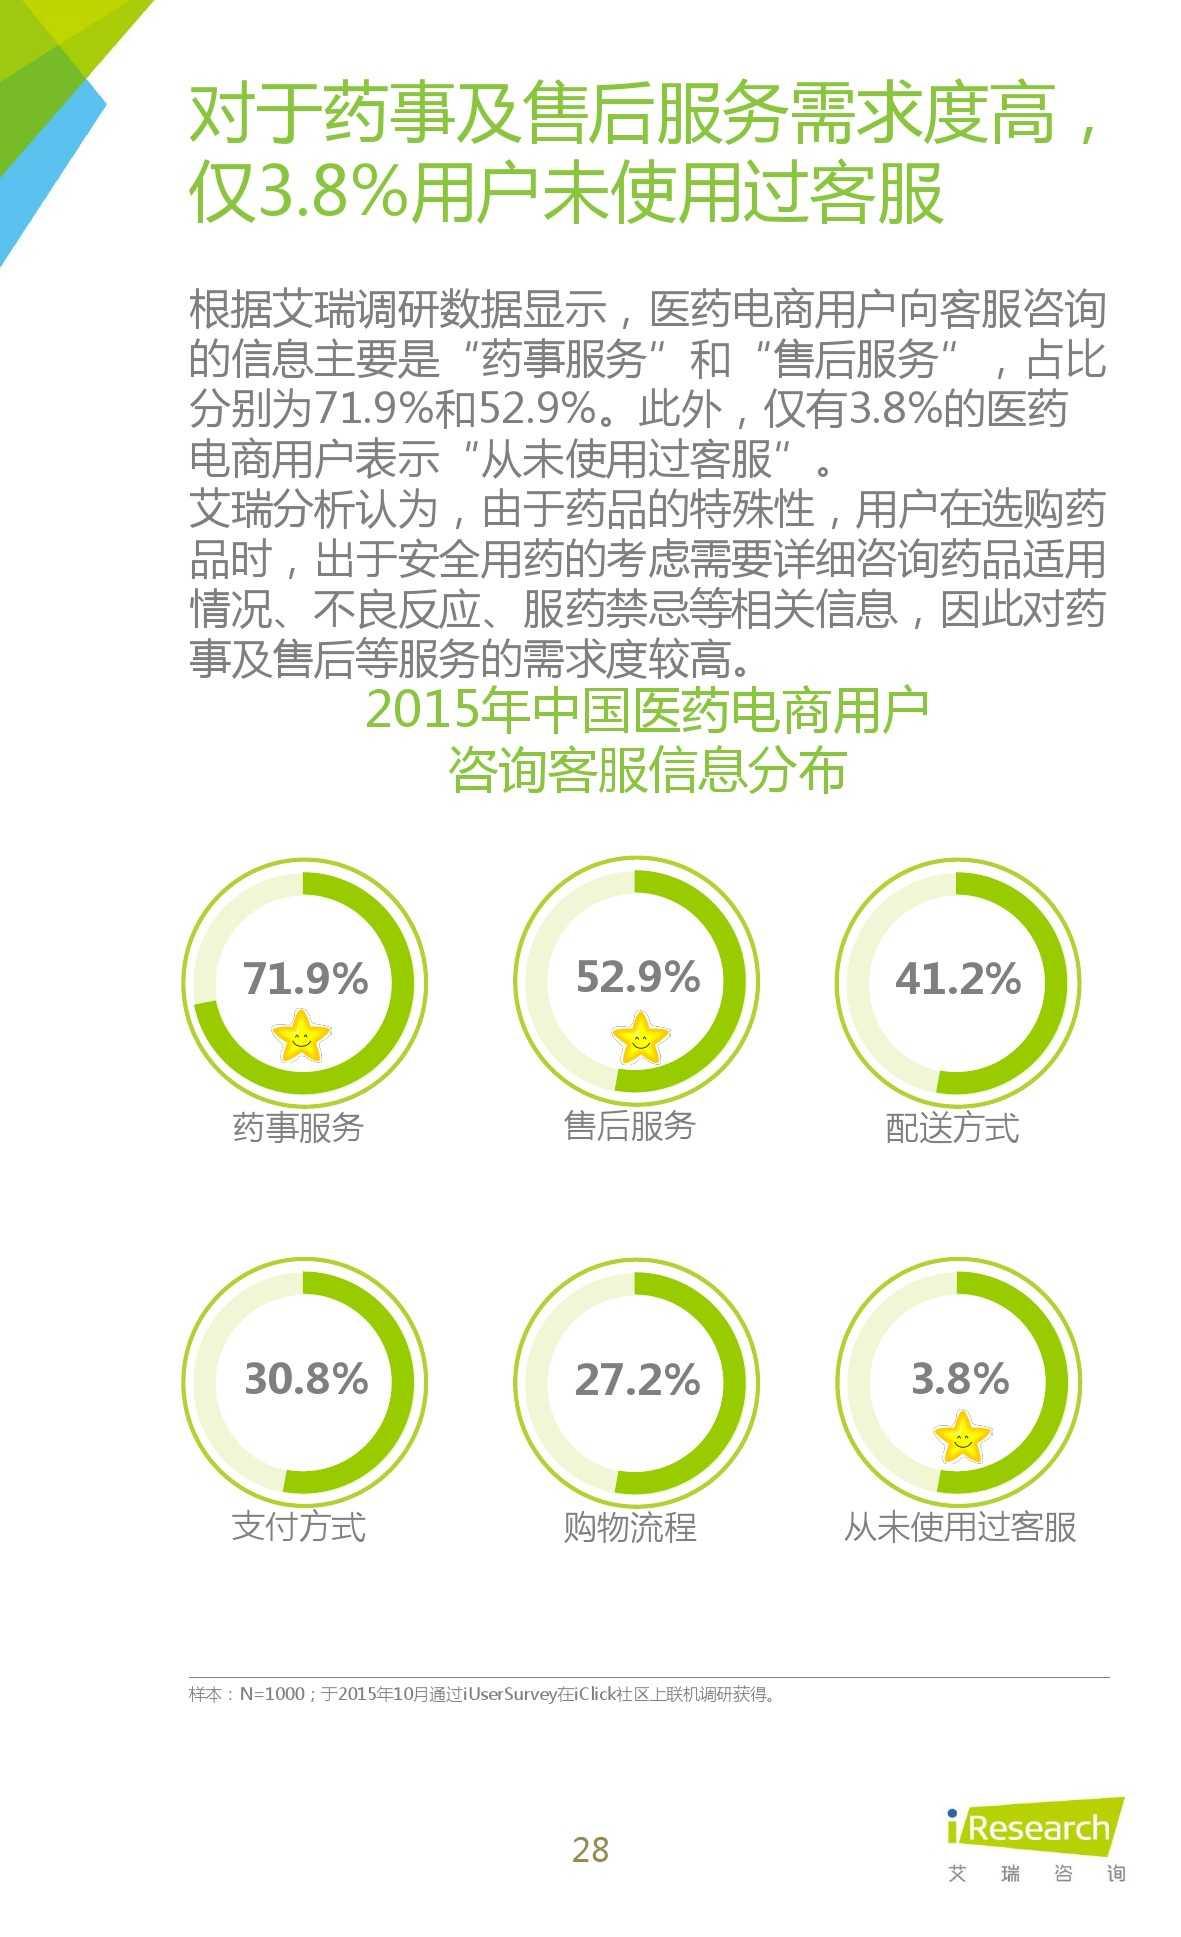 2015年中国医药电商用户行为研究报告_000028